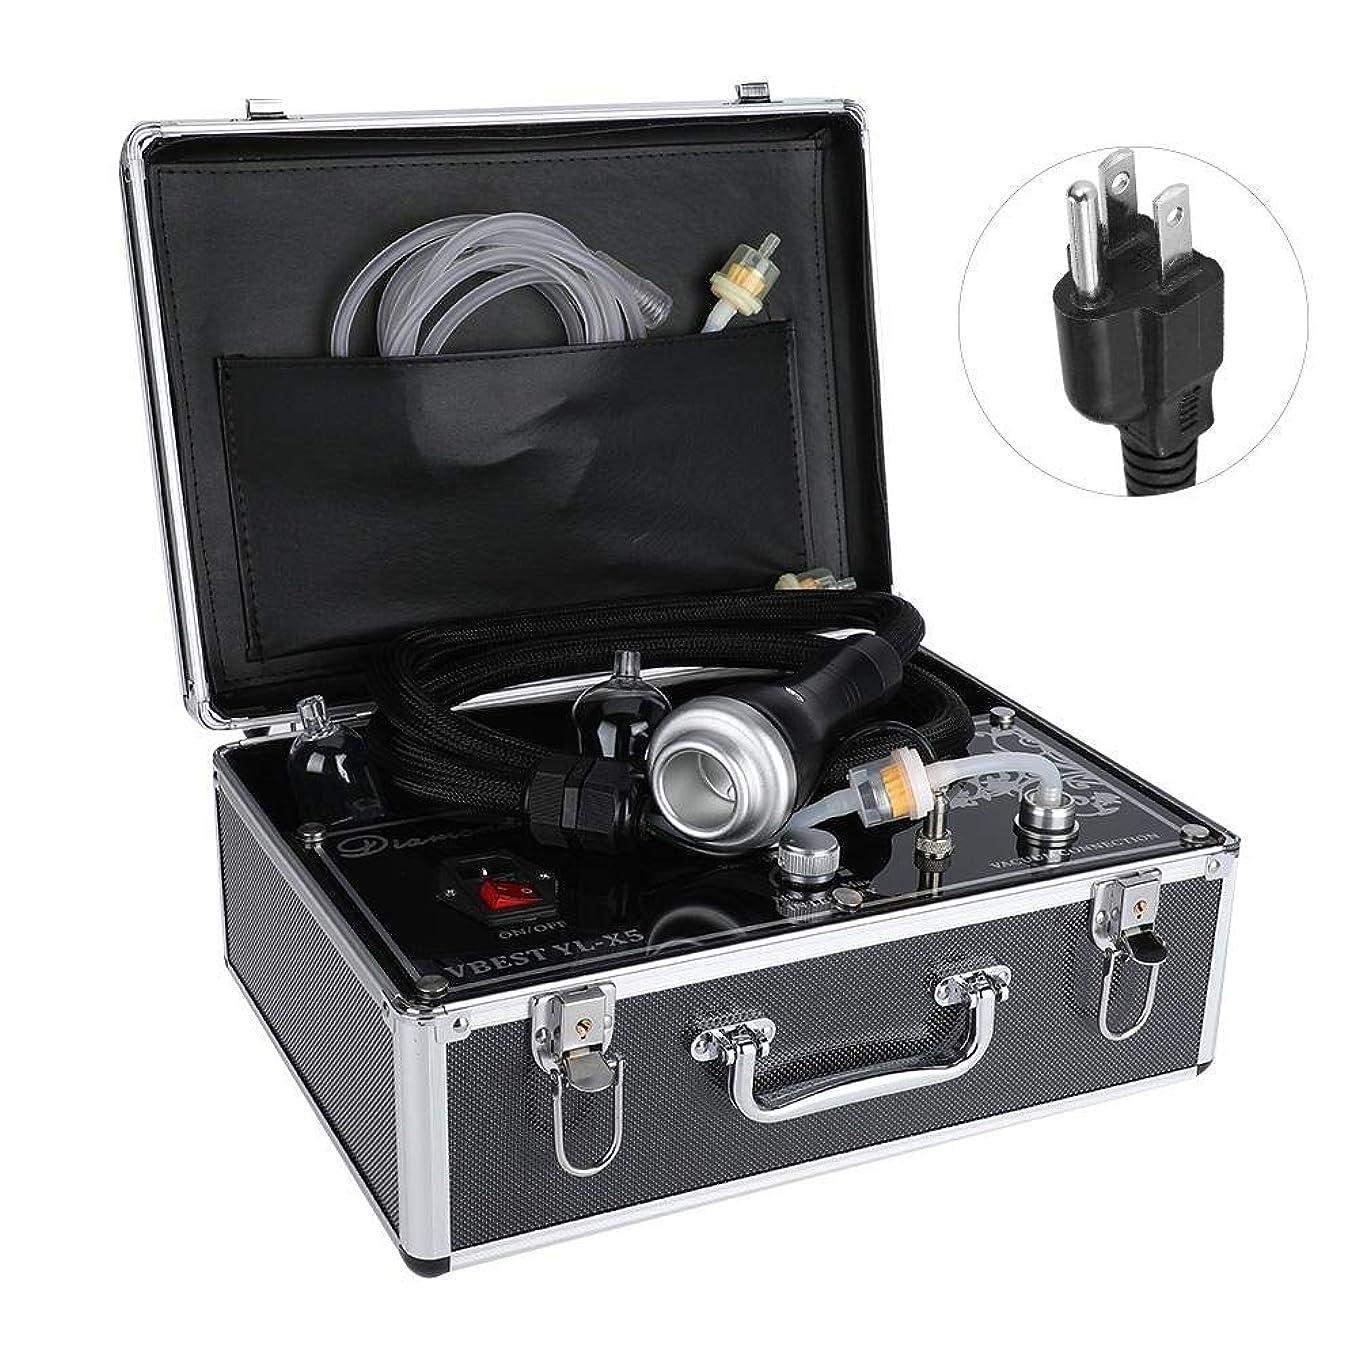 暖かくお父さんウナギ否定的な圧力マッサージャー、ボディ解毒の浚渫の痛みのための熱い圧縮のこするカッピング療法の電気マッサージャー(US Plug)